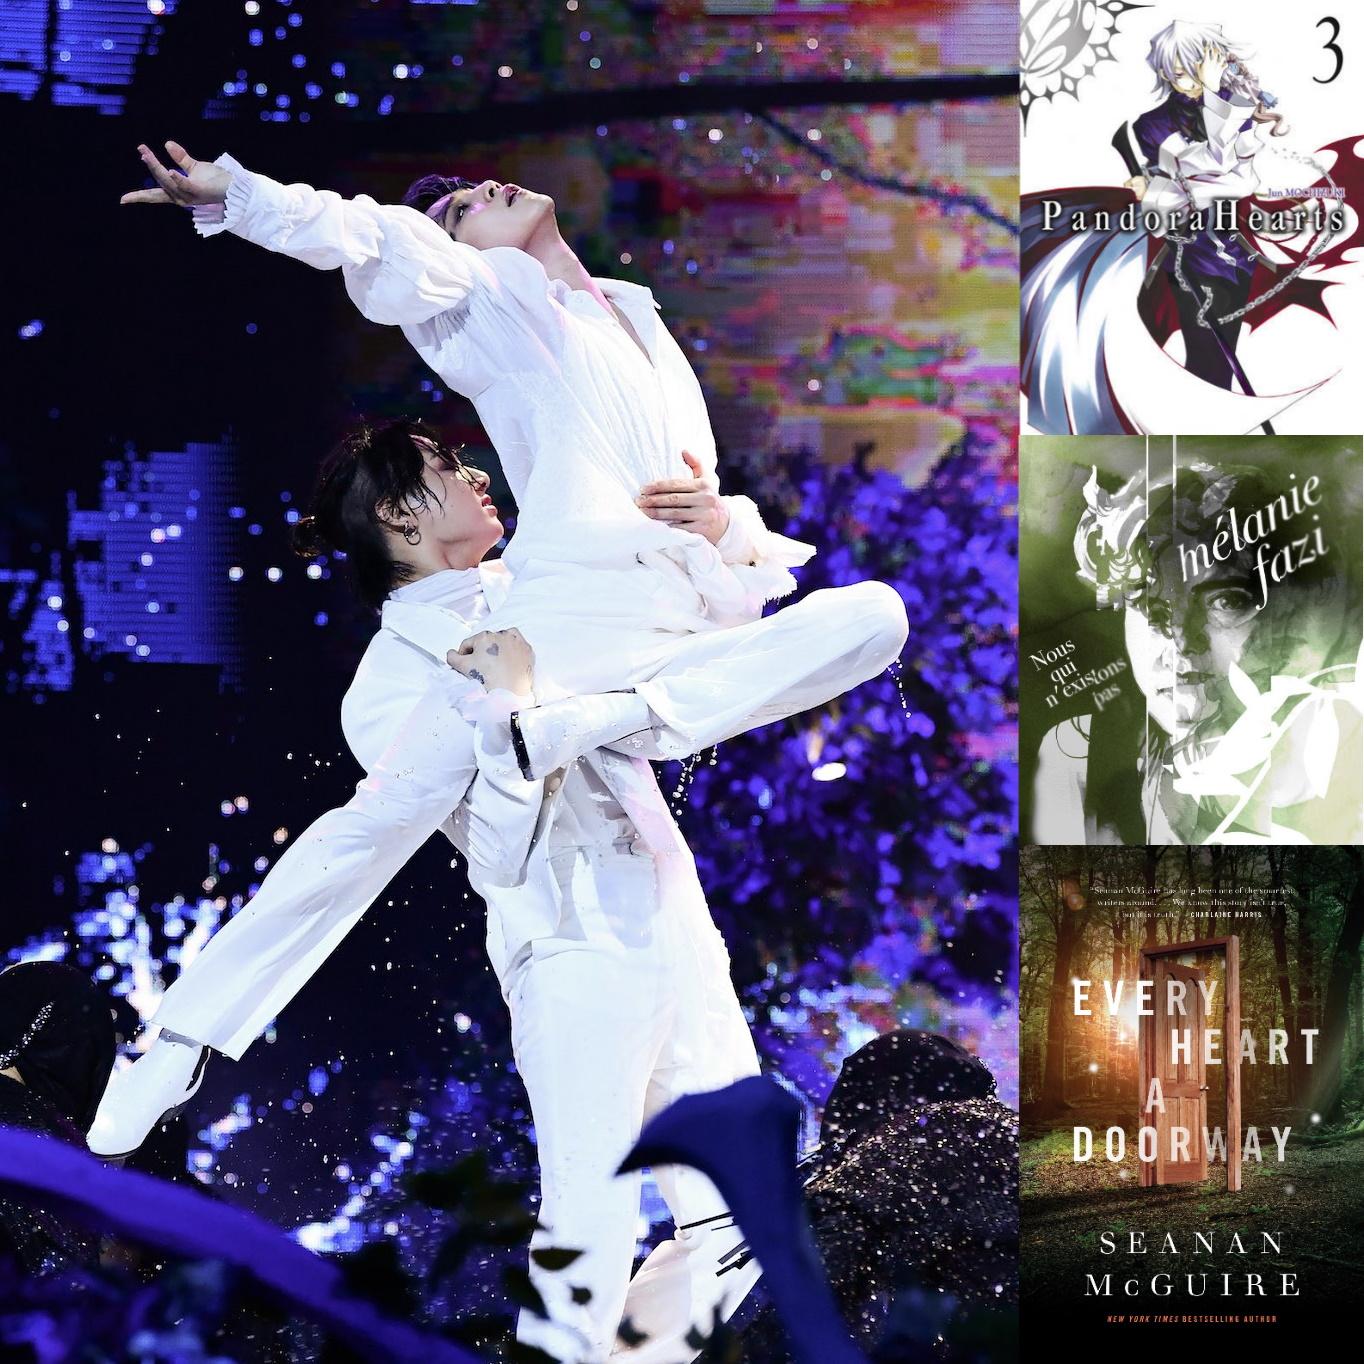 à gauche, Jimin et Jungkook font une figure de danse avec porté, dans l'eau, à droite, 3 couvertures de livres : pandora Hearts, nous qui n'existons pas, Every Heart a doorway